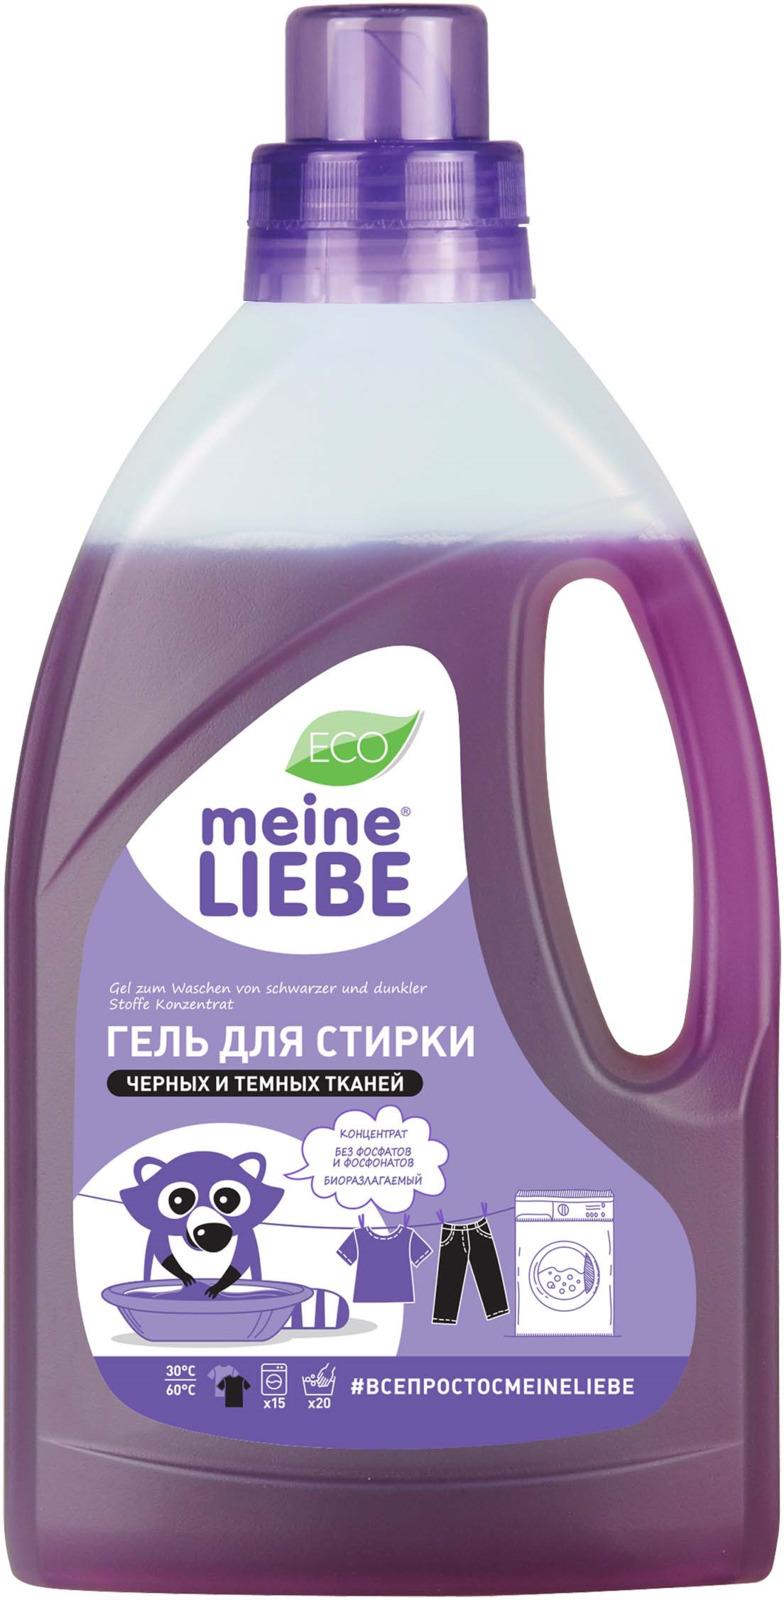 Гель для стирки черных и темных тканей Meine Liebe, концентрат, 800 мл гель д стирки meine liebe 800мл д шерст шелк и деликат тка